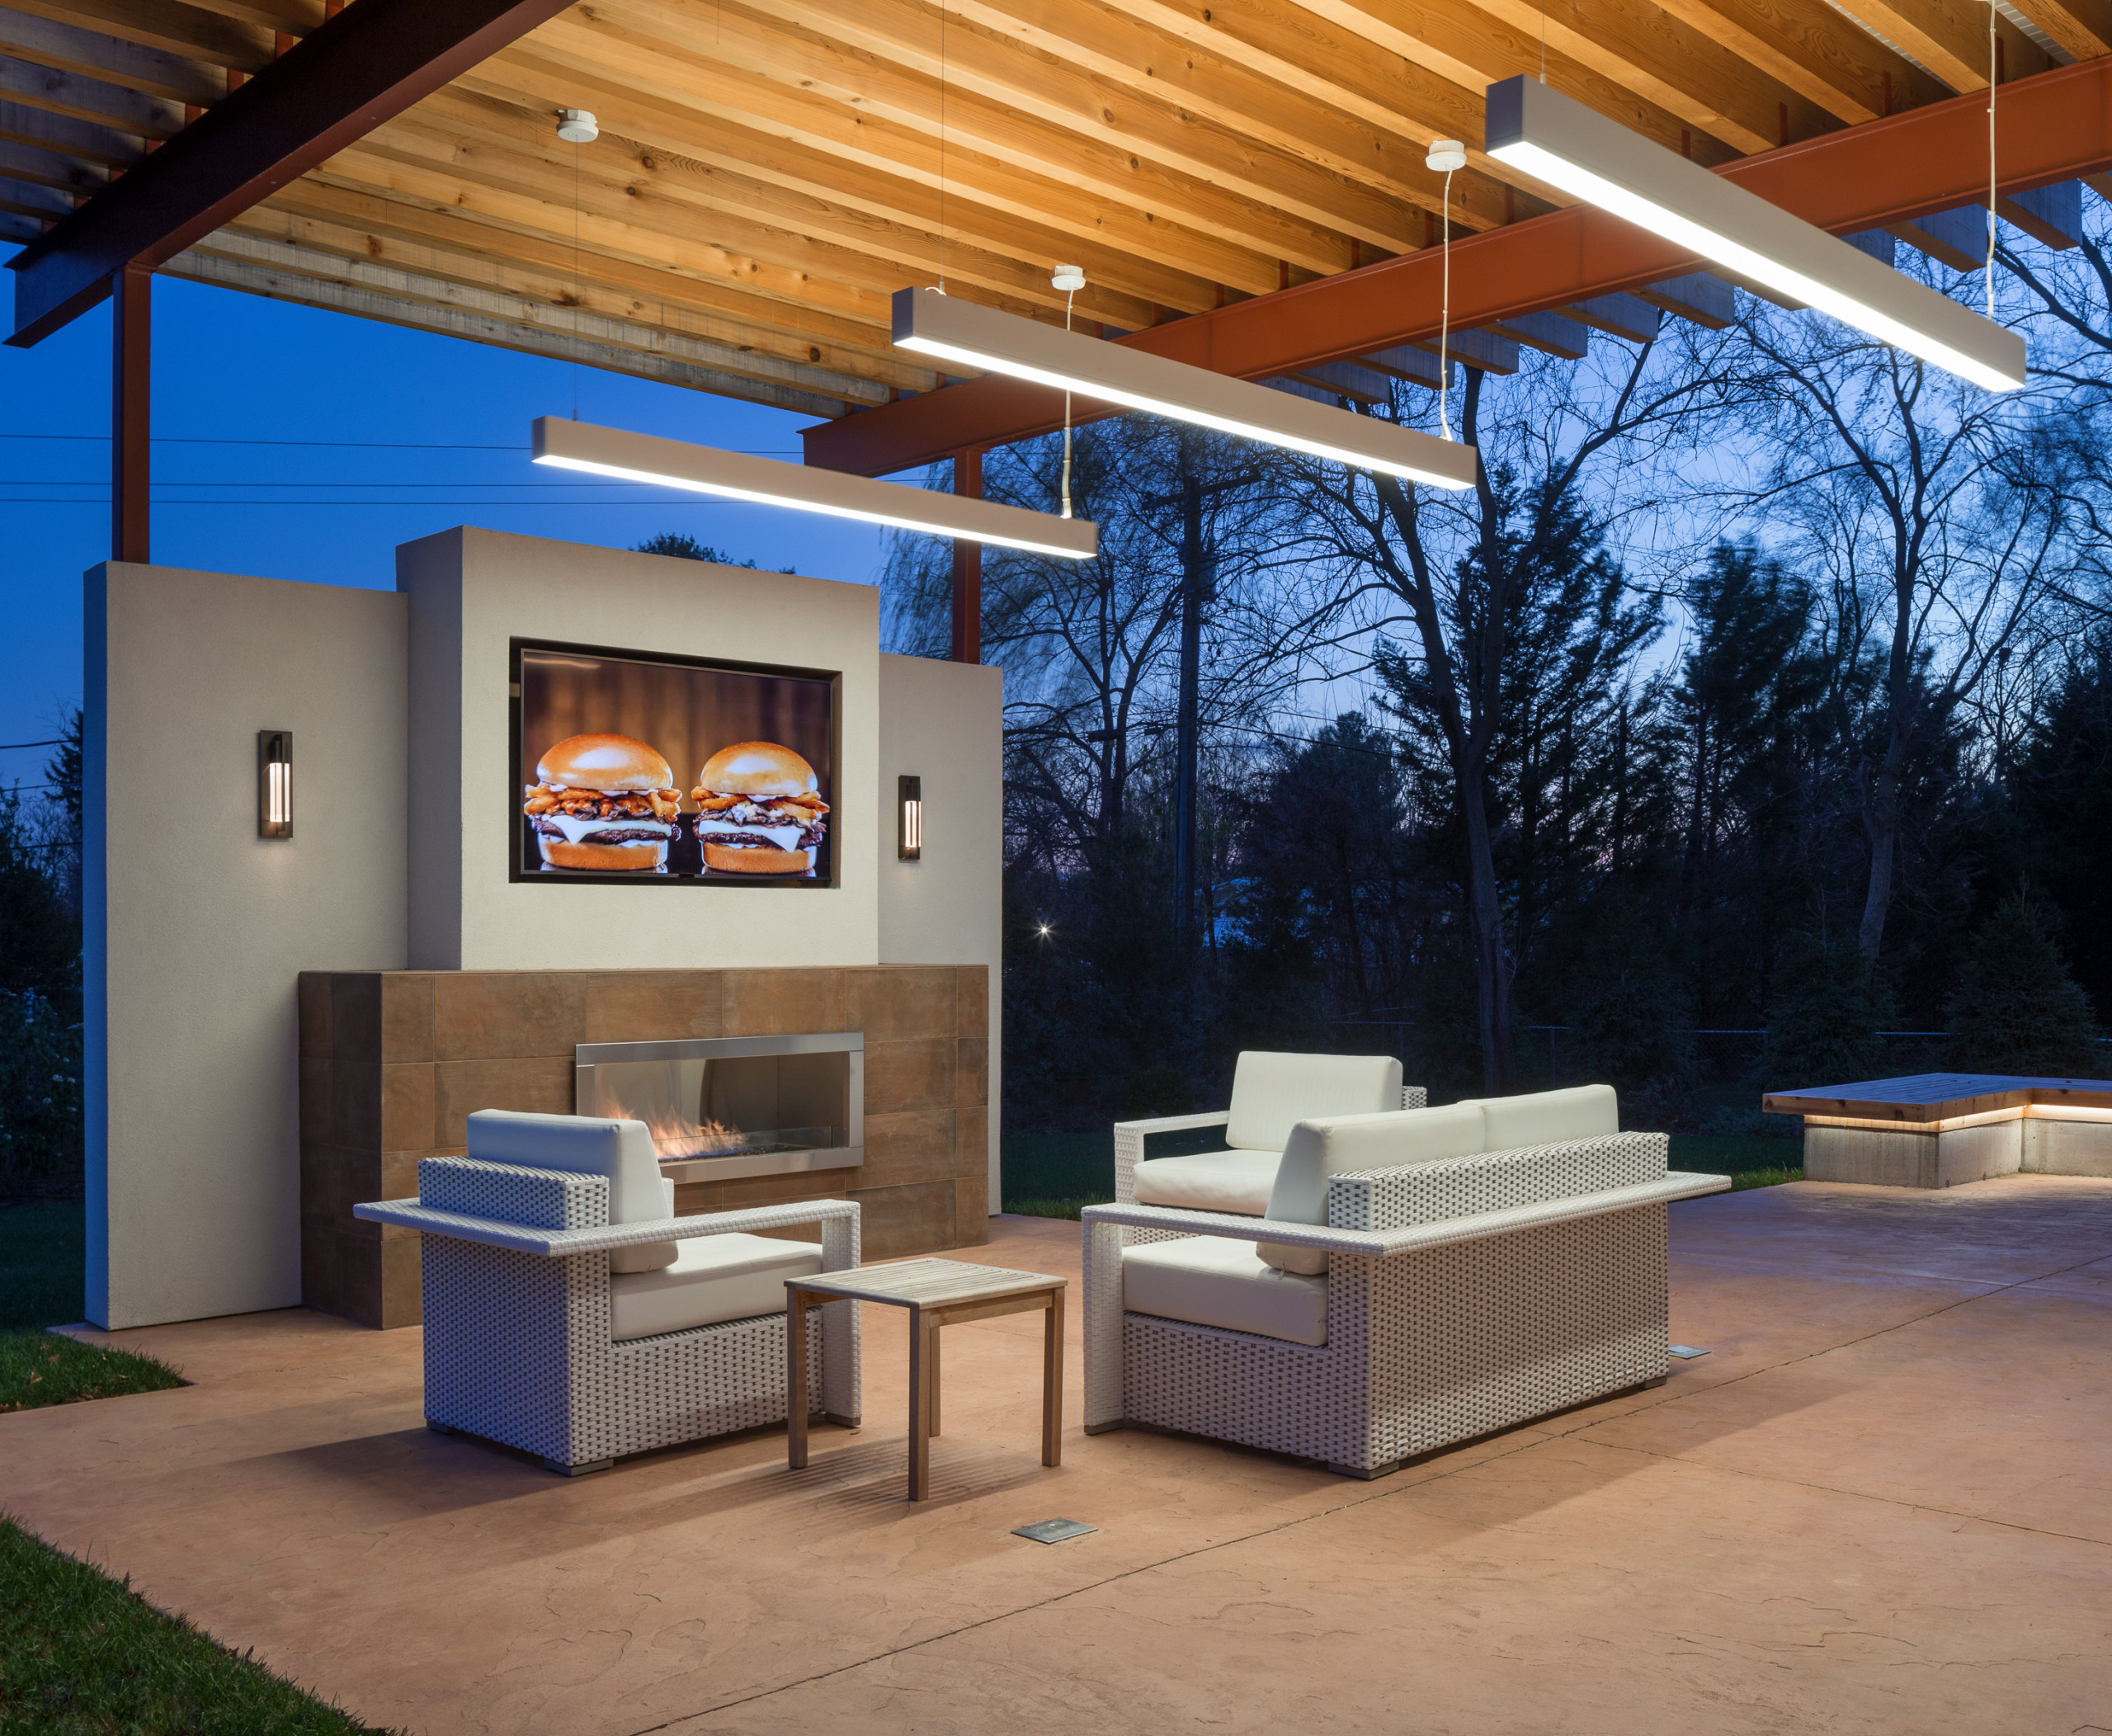 Certified Luxury Builders - J Paul Builders - Baltimore, MD - Custom Home 5